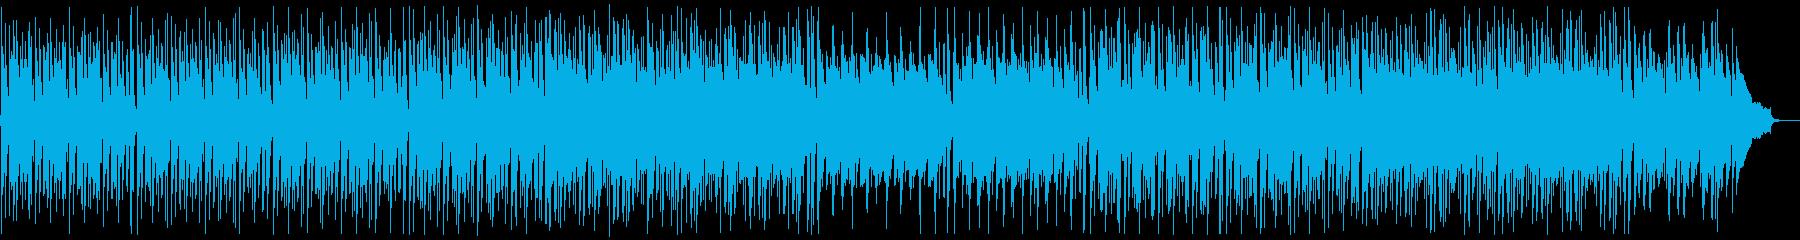 明るく前向きなピアノポップ:高い弦なしの再生済みの波形